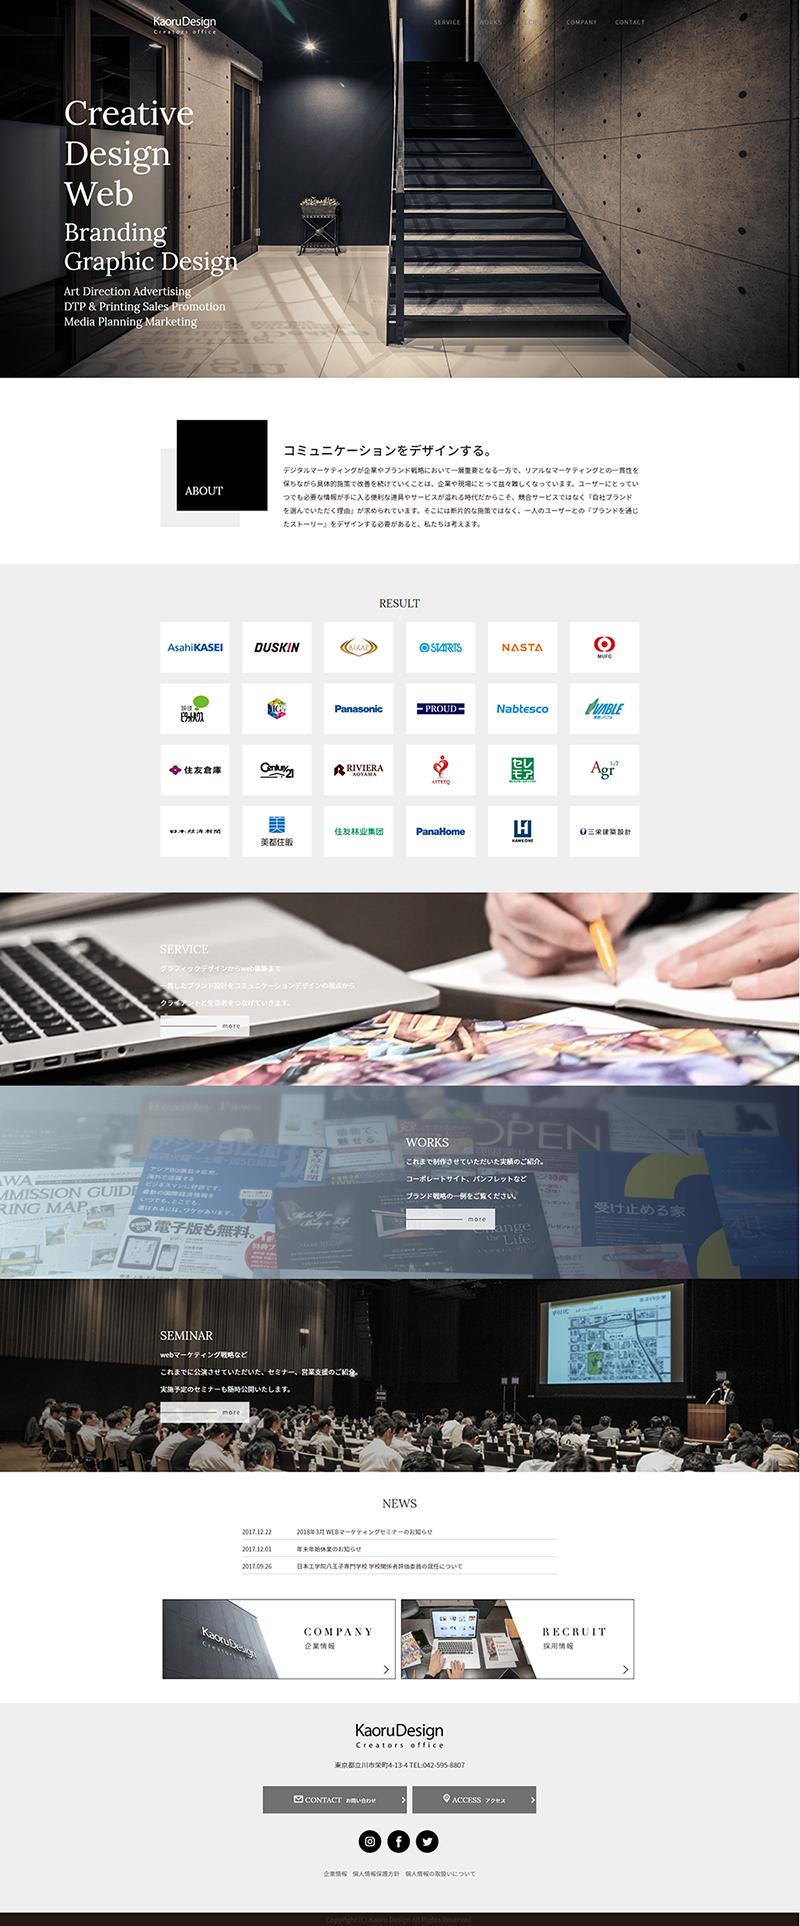 カオルデザイン web